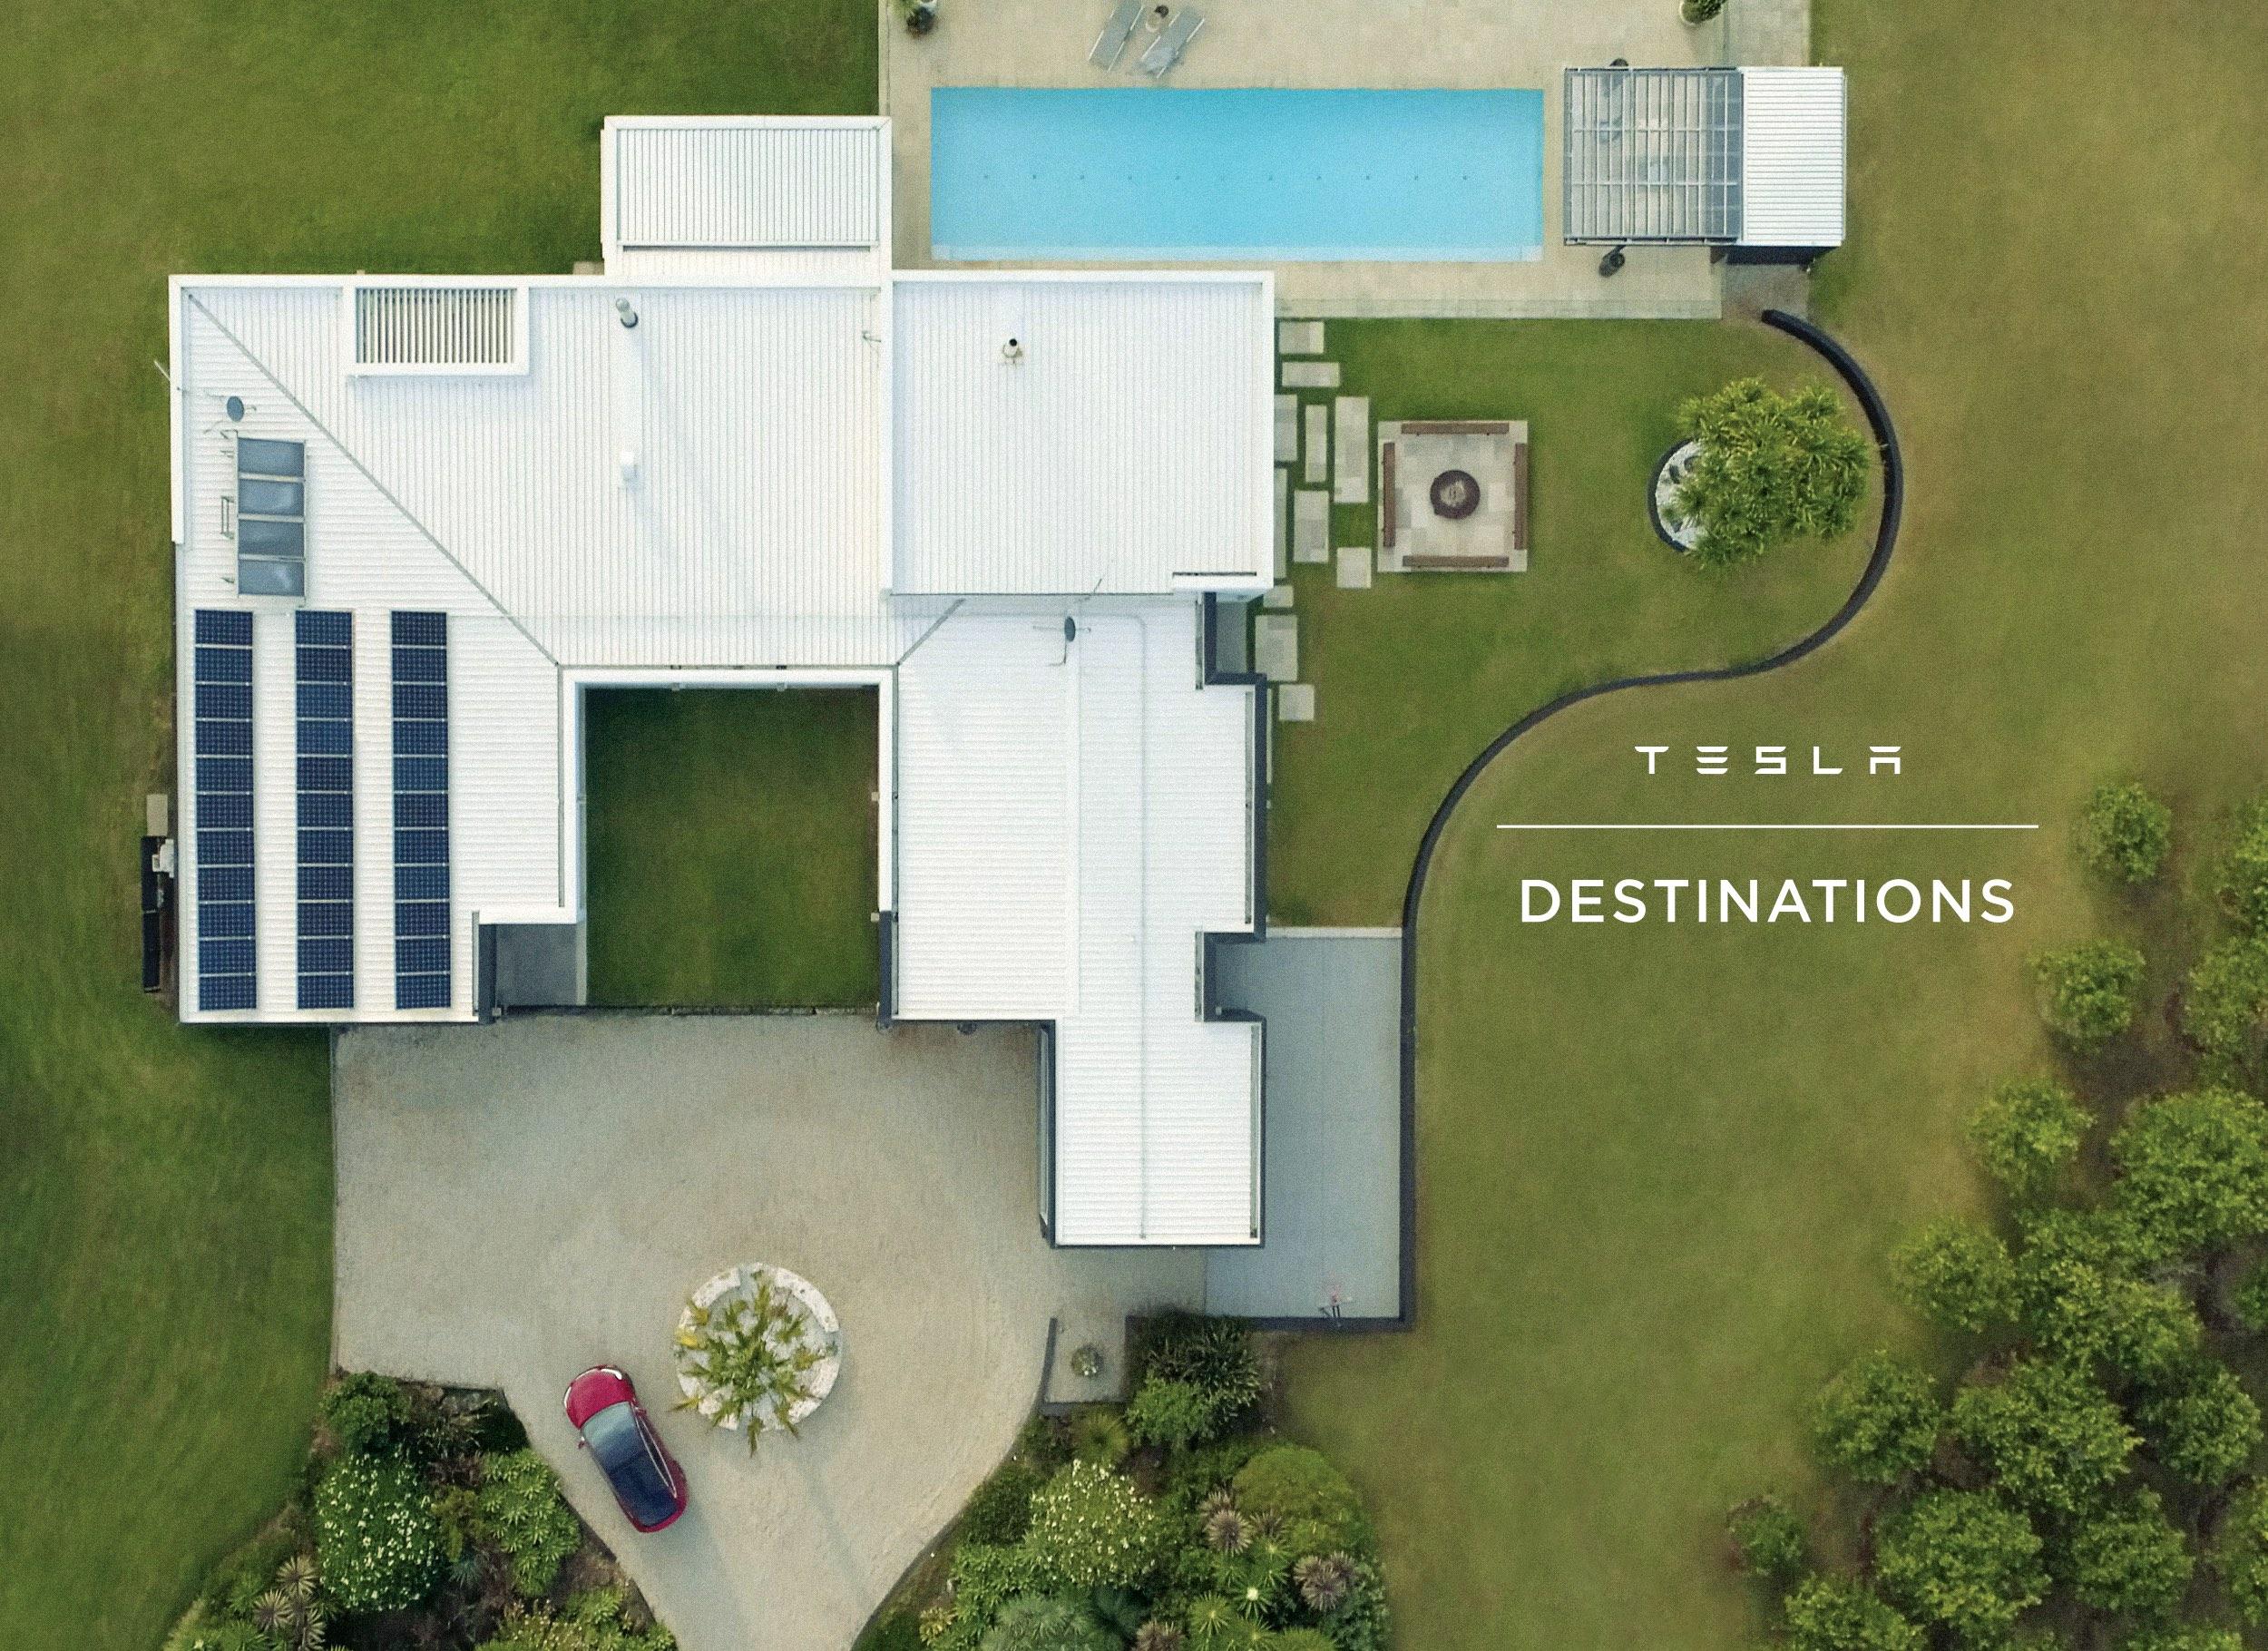 Tesla Destinations competition